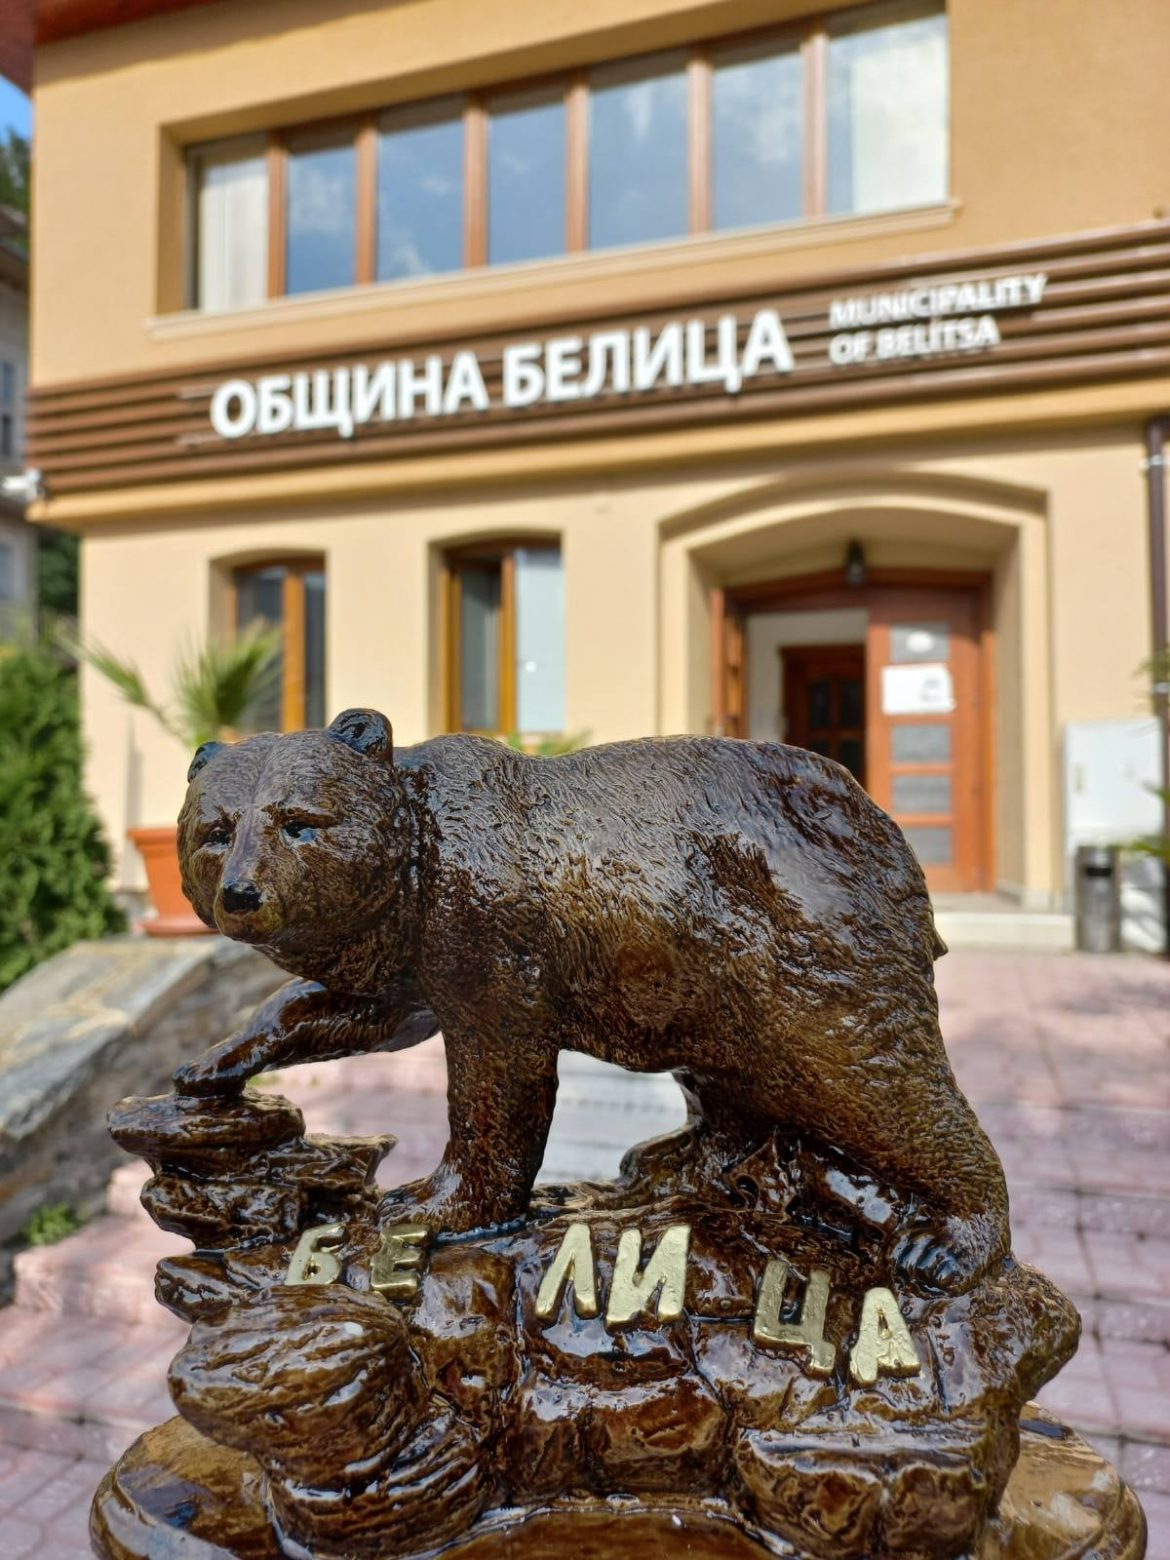 Хиляди туристи росетиха Белица през лятото на 2020 год.